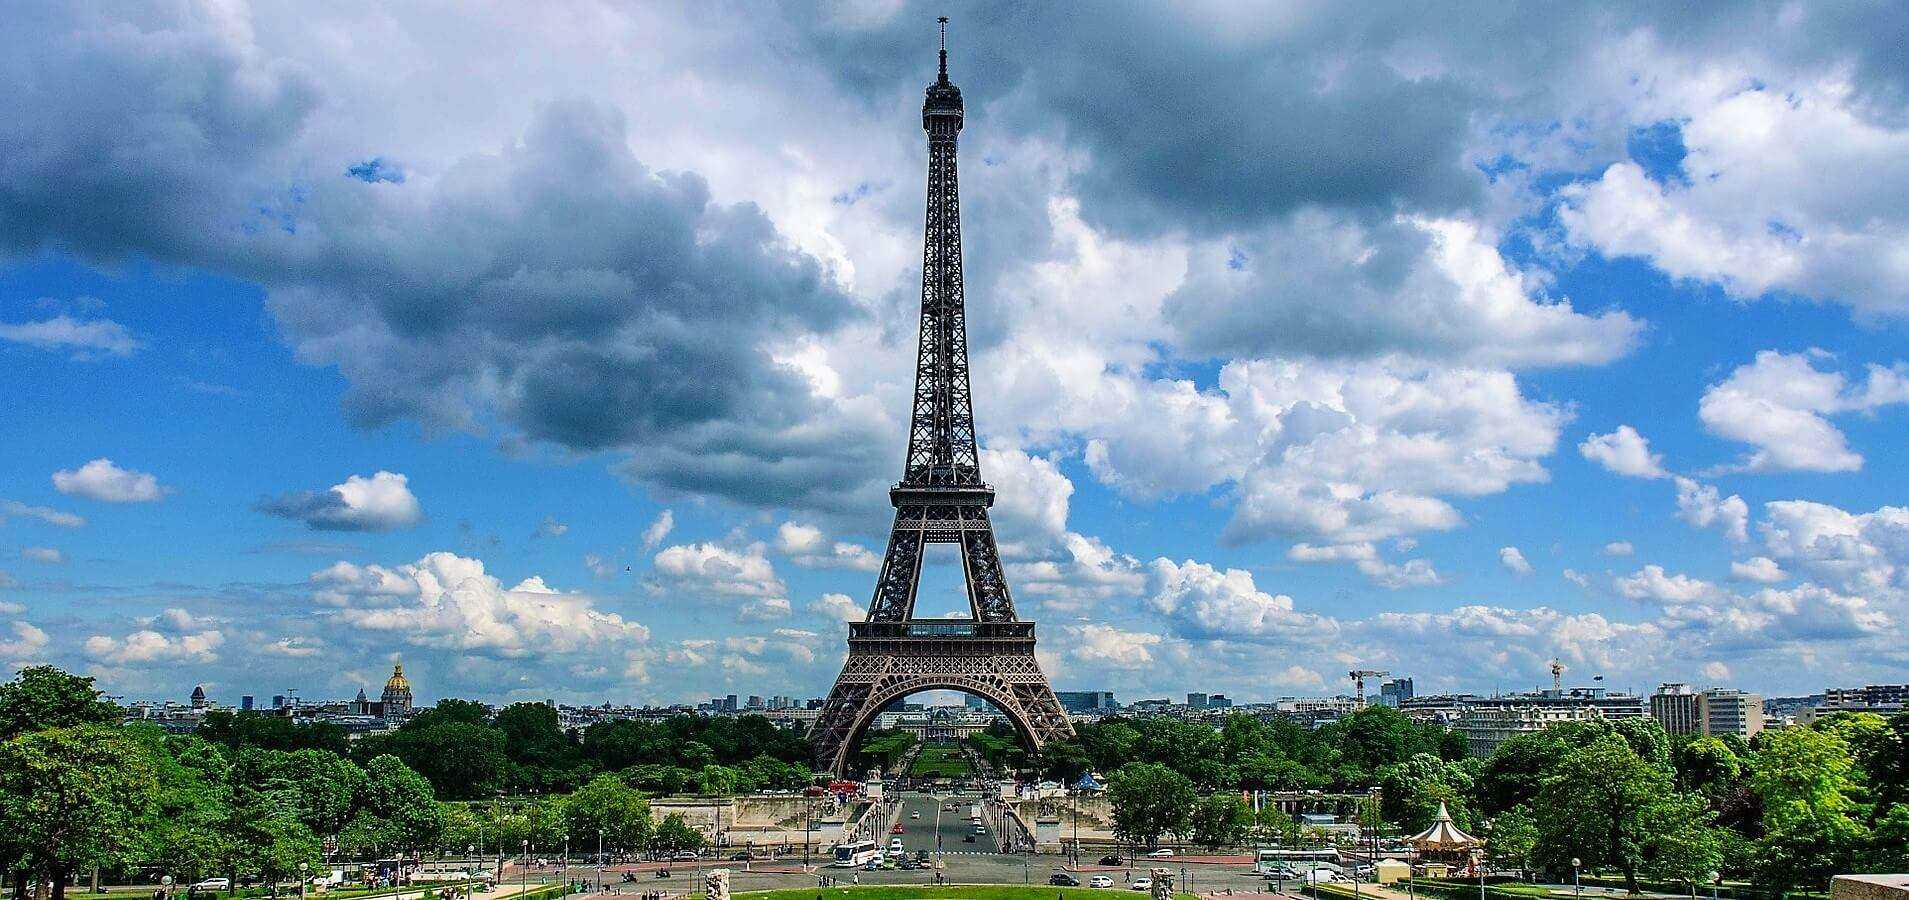 Direktflüge und Billigflüge ab Amsterdam nach Paris Orly